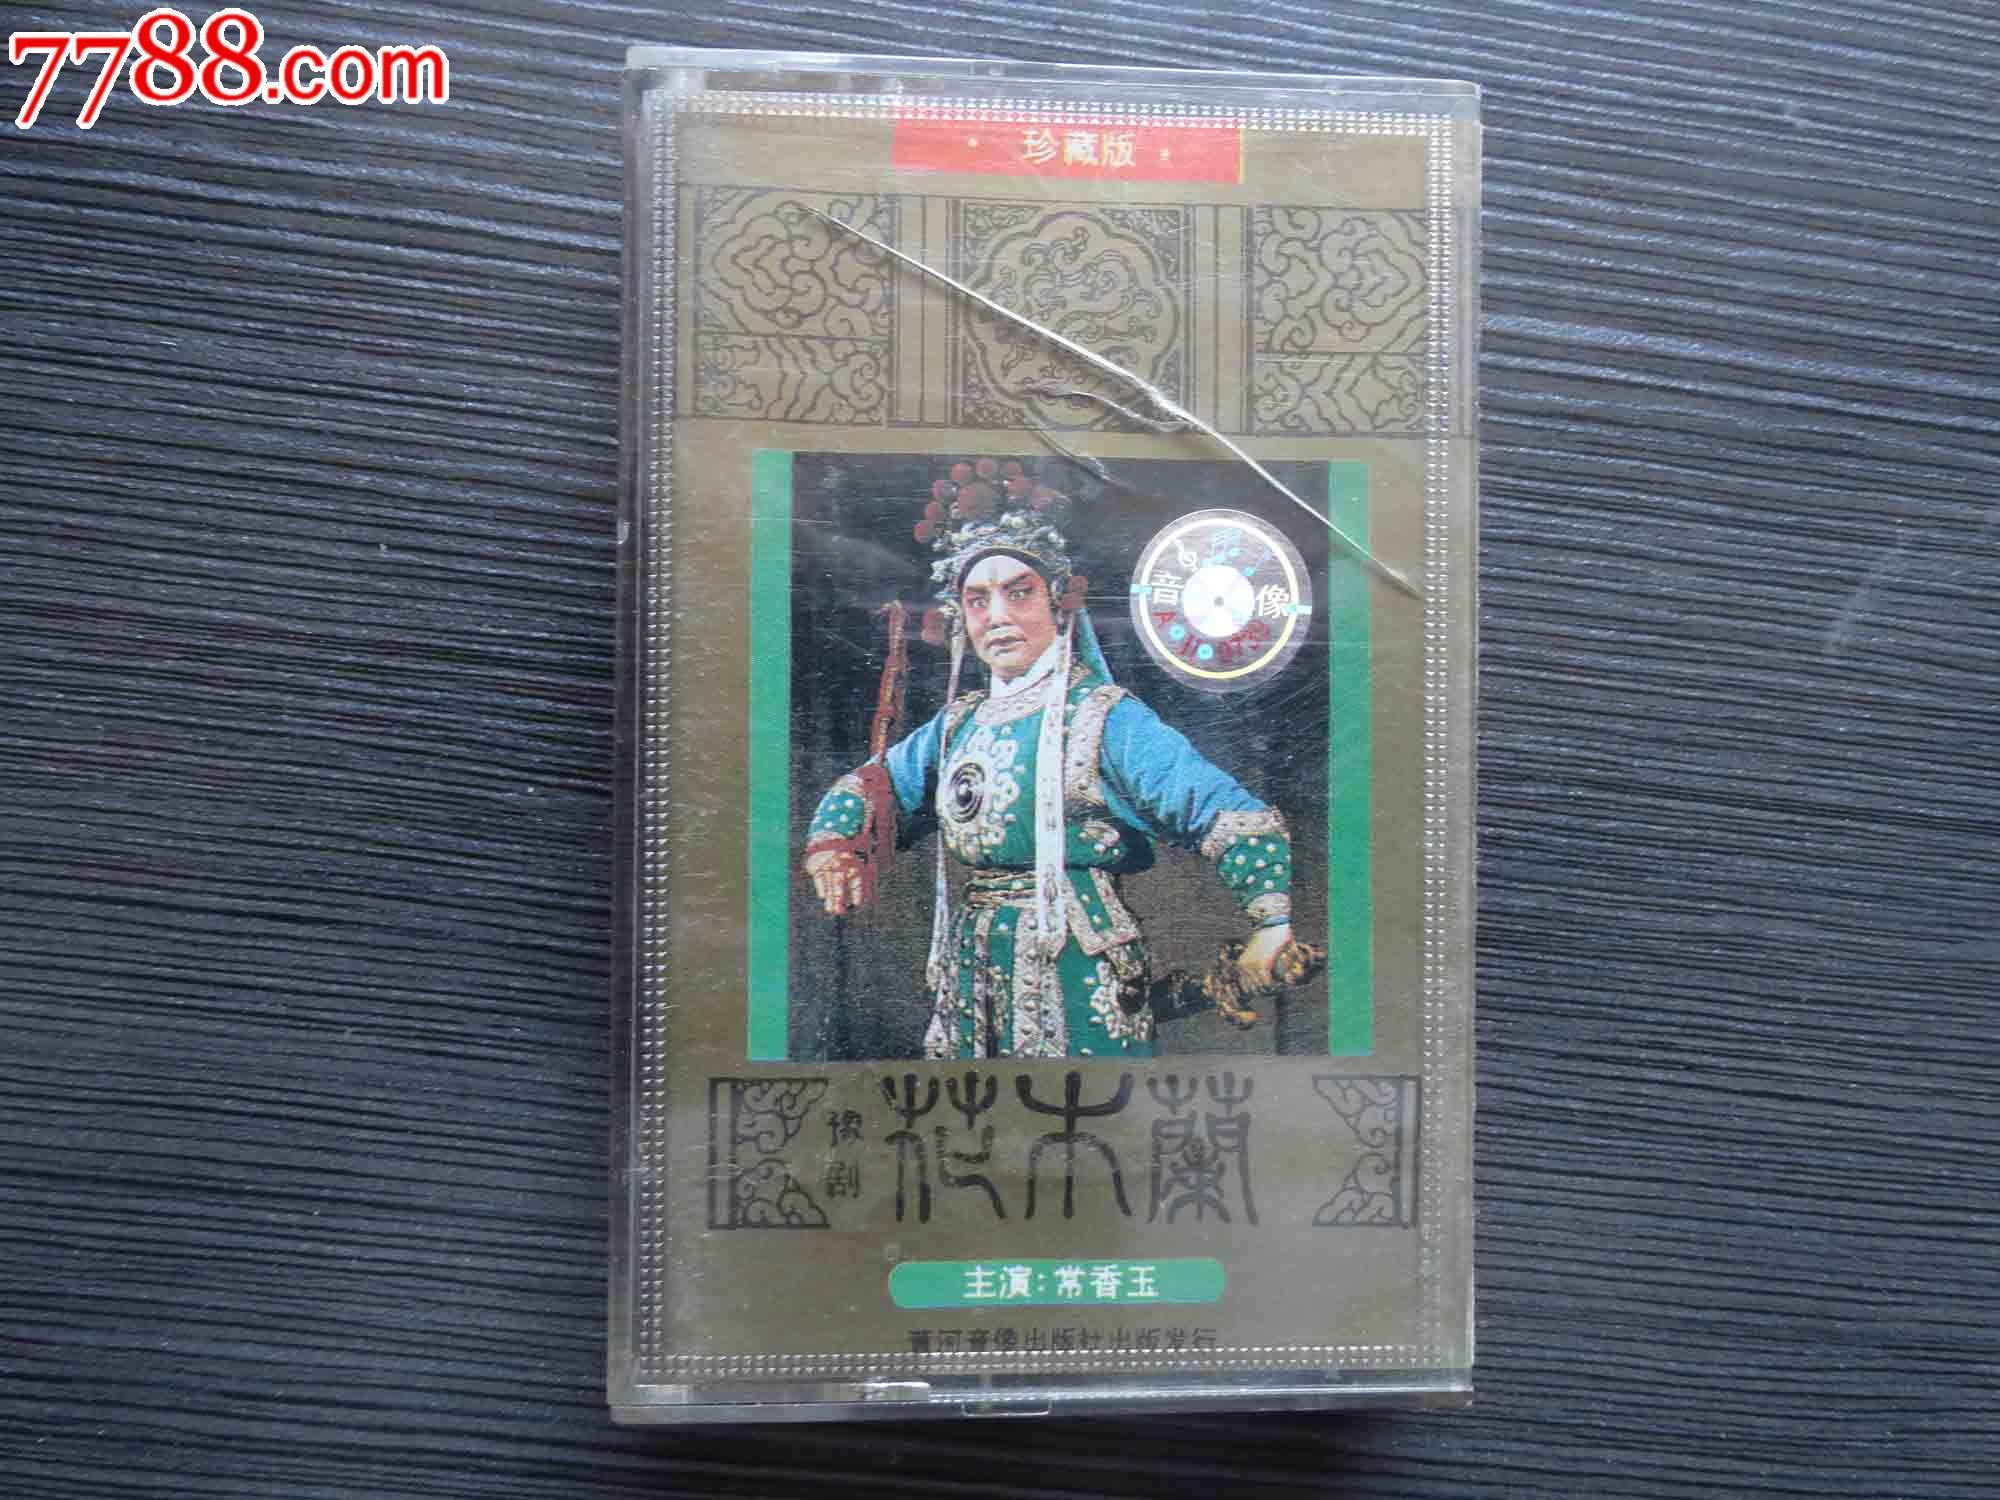 要不-花木兰-斗牛-常香玉-豫剧:10元-se199986主演价格要对峙网盘图片